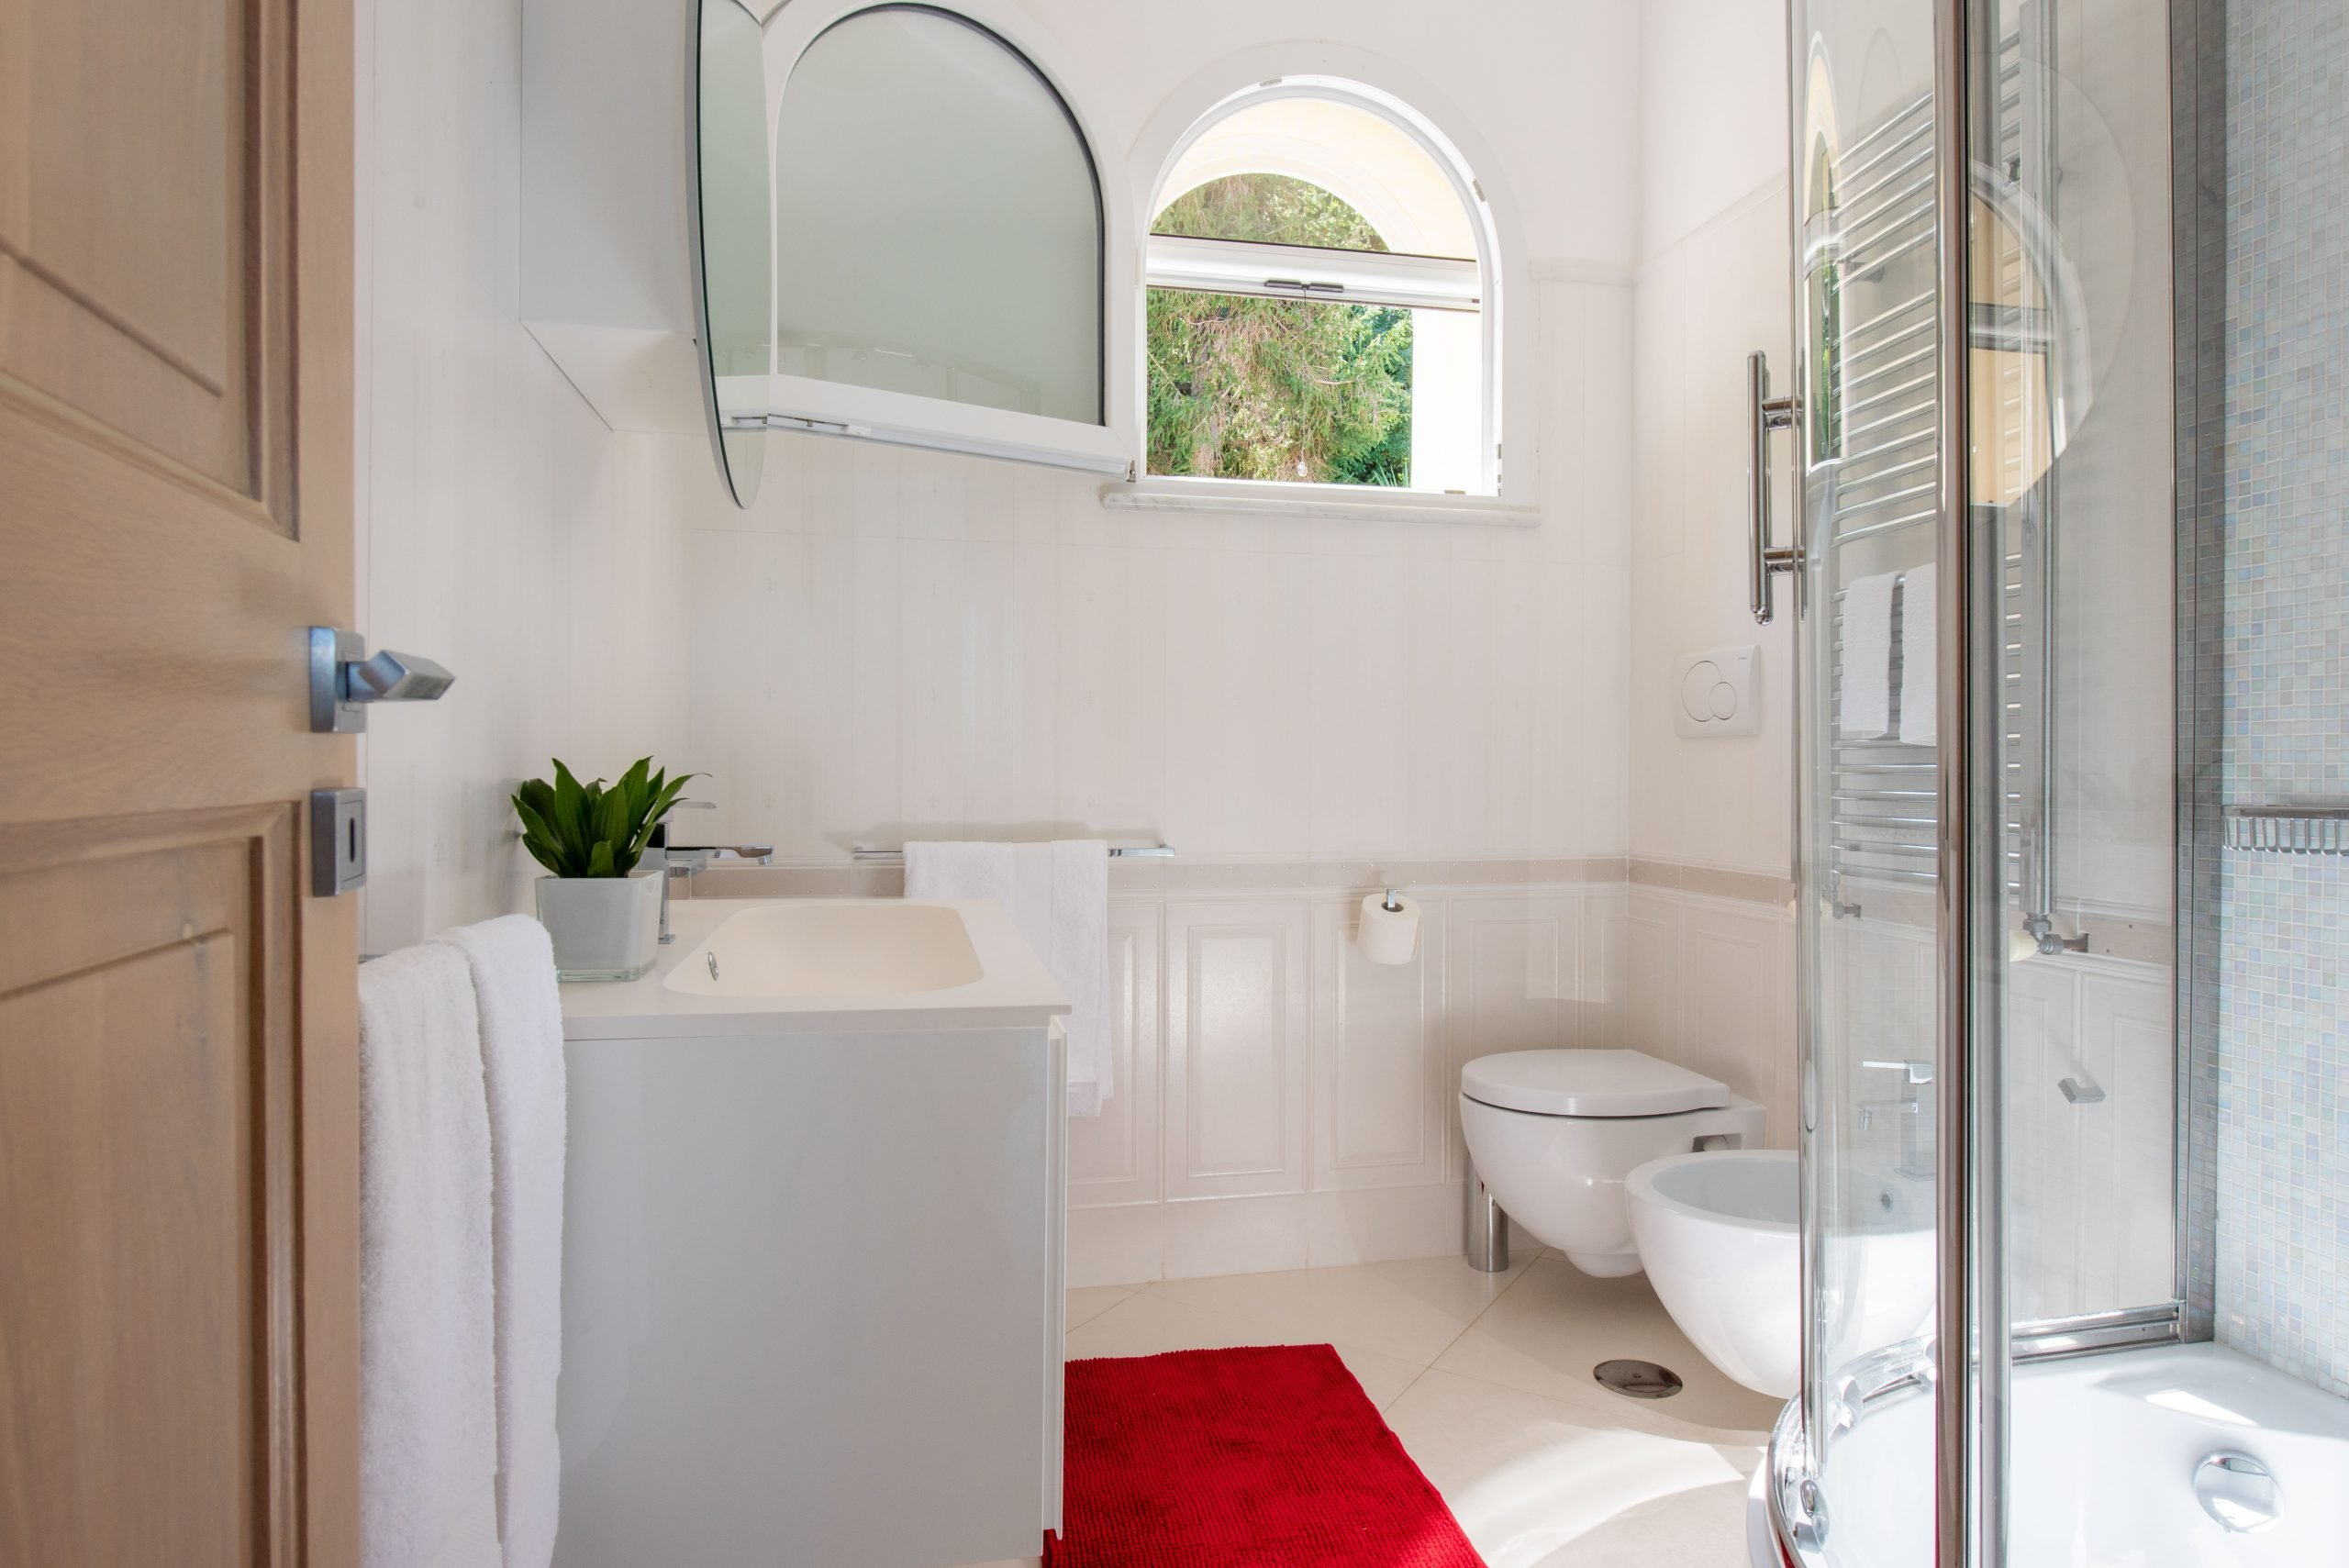 Villa Acampora Sorrento Bathroom